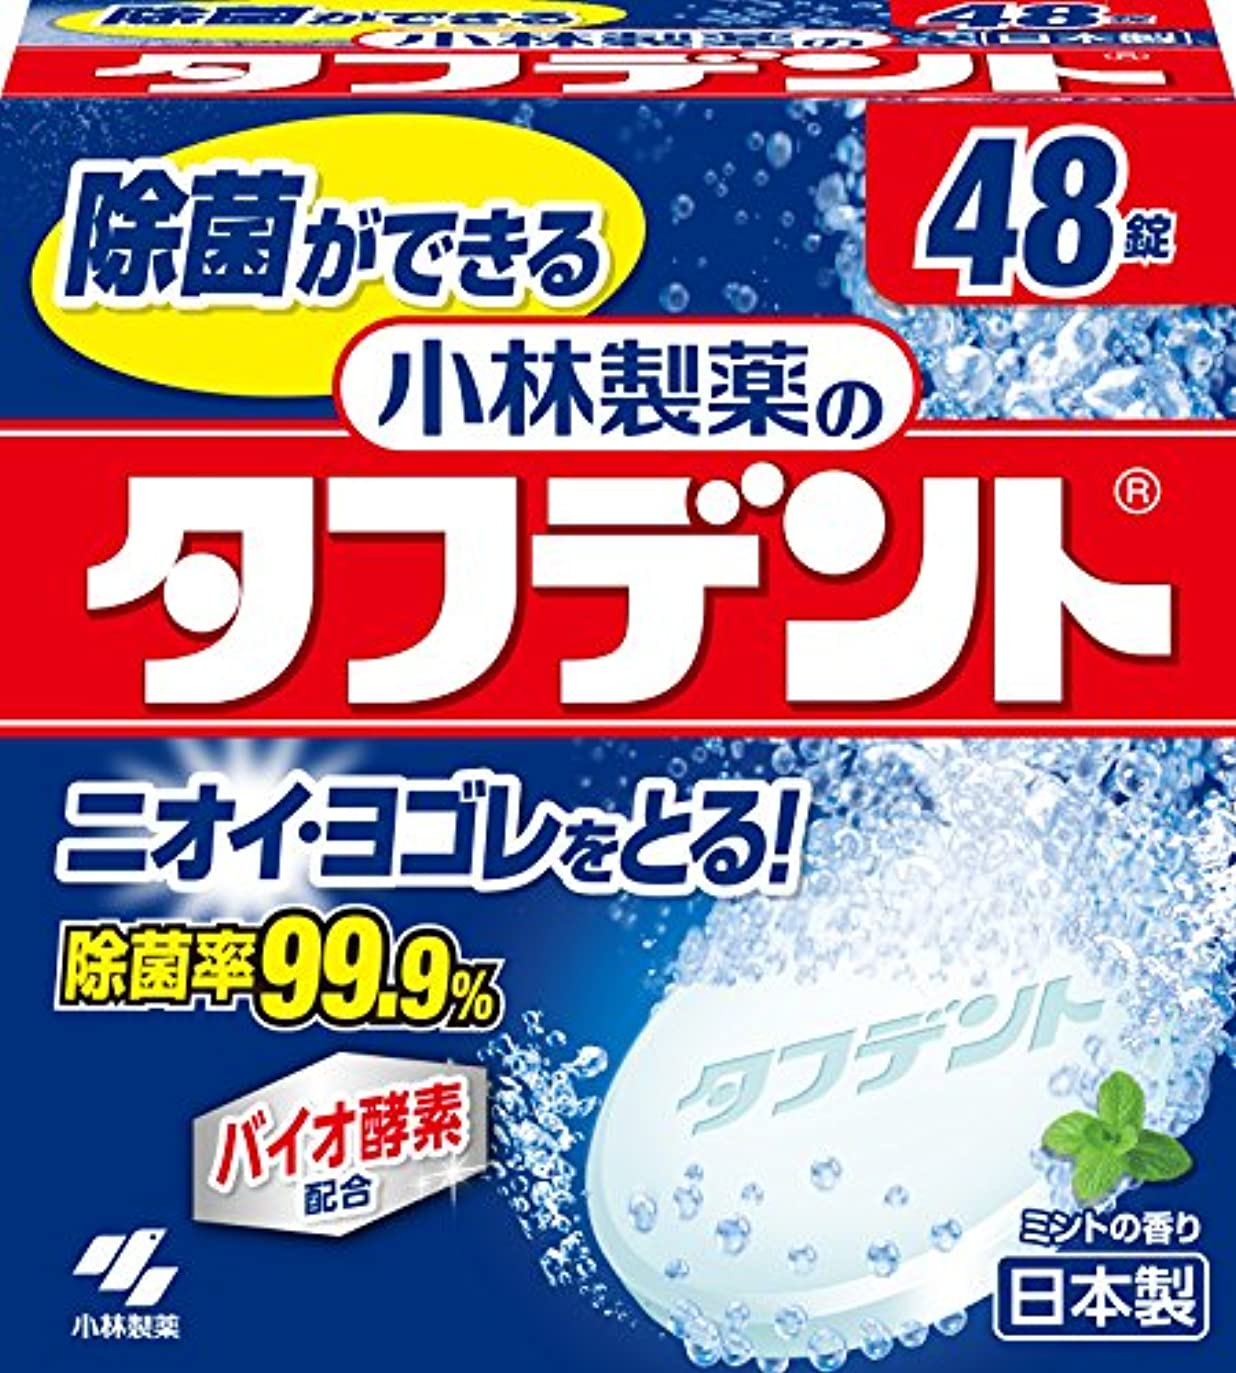 甘くする銛勝者小林製薬のタフデント 入れ歯用洗浄剤 ミントの香り 48錠